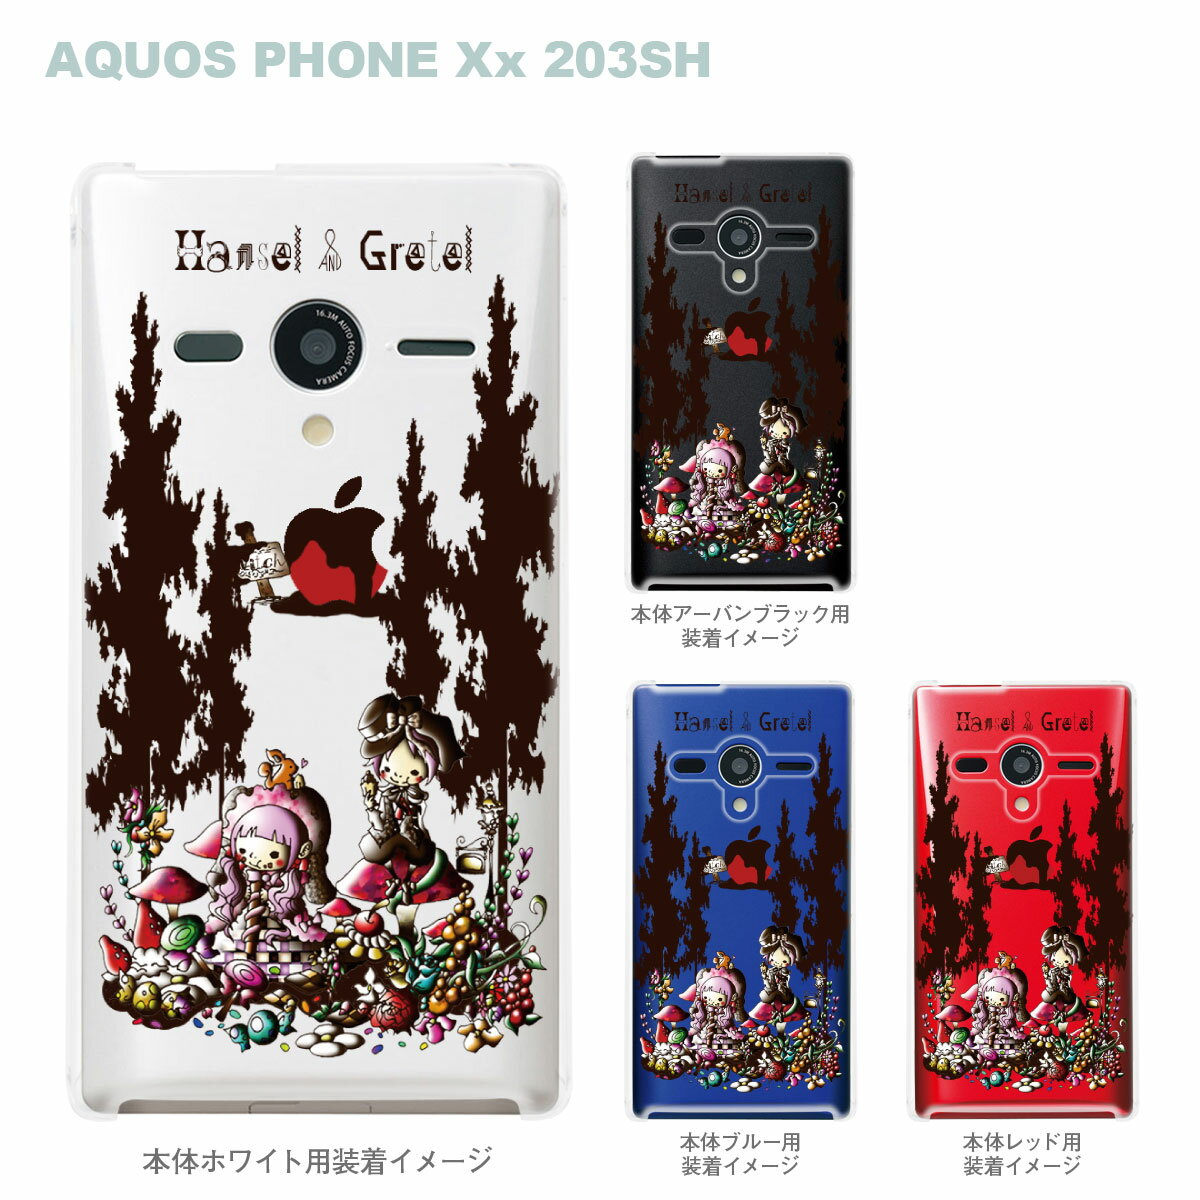 【AQUOS PHONEケース】【203SH】【Soft Bank】【カバー】【スマホケース】【クリアケース】【アート】【Little World】【ヘンゼルとグレーテル】【グリム童話】【お菓子の家】 25-203sh-am0026